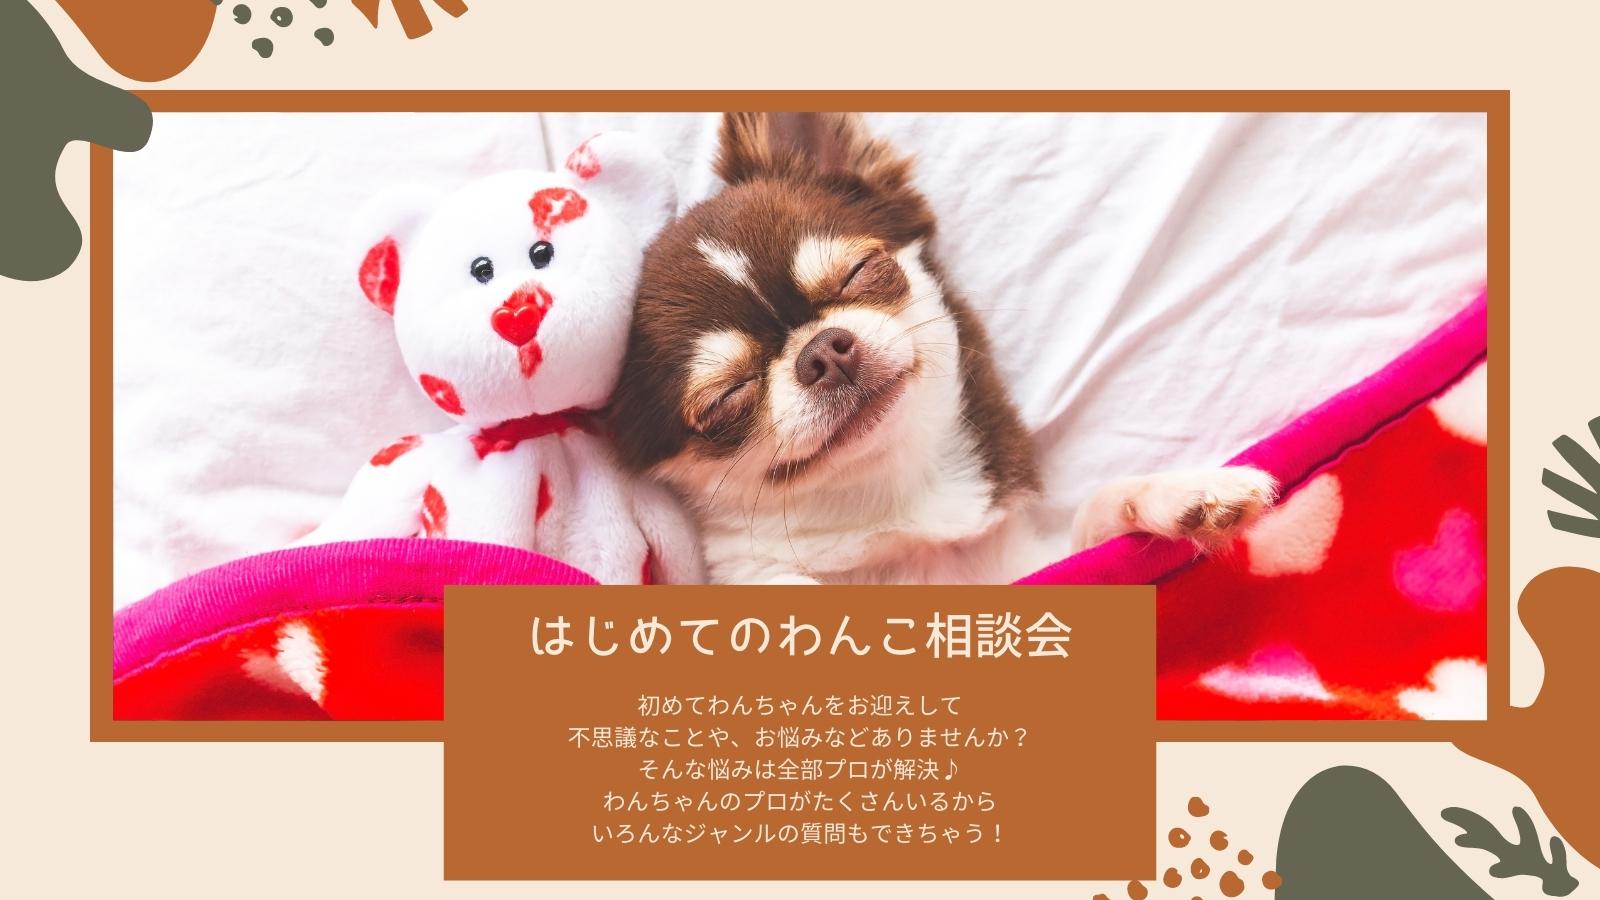 5/15  はじめてのわんこ相談会